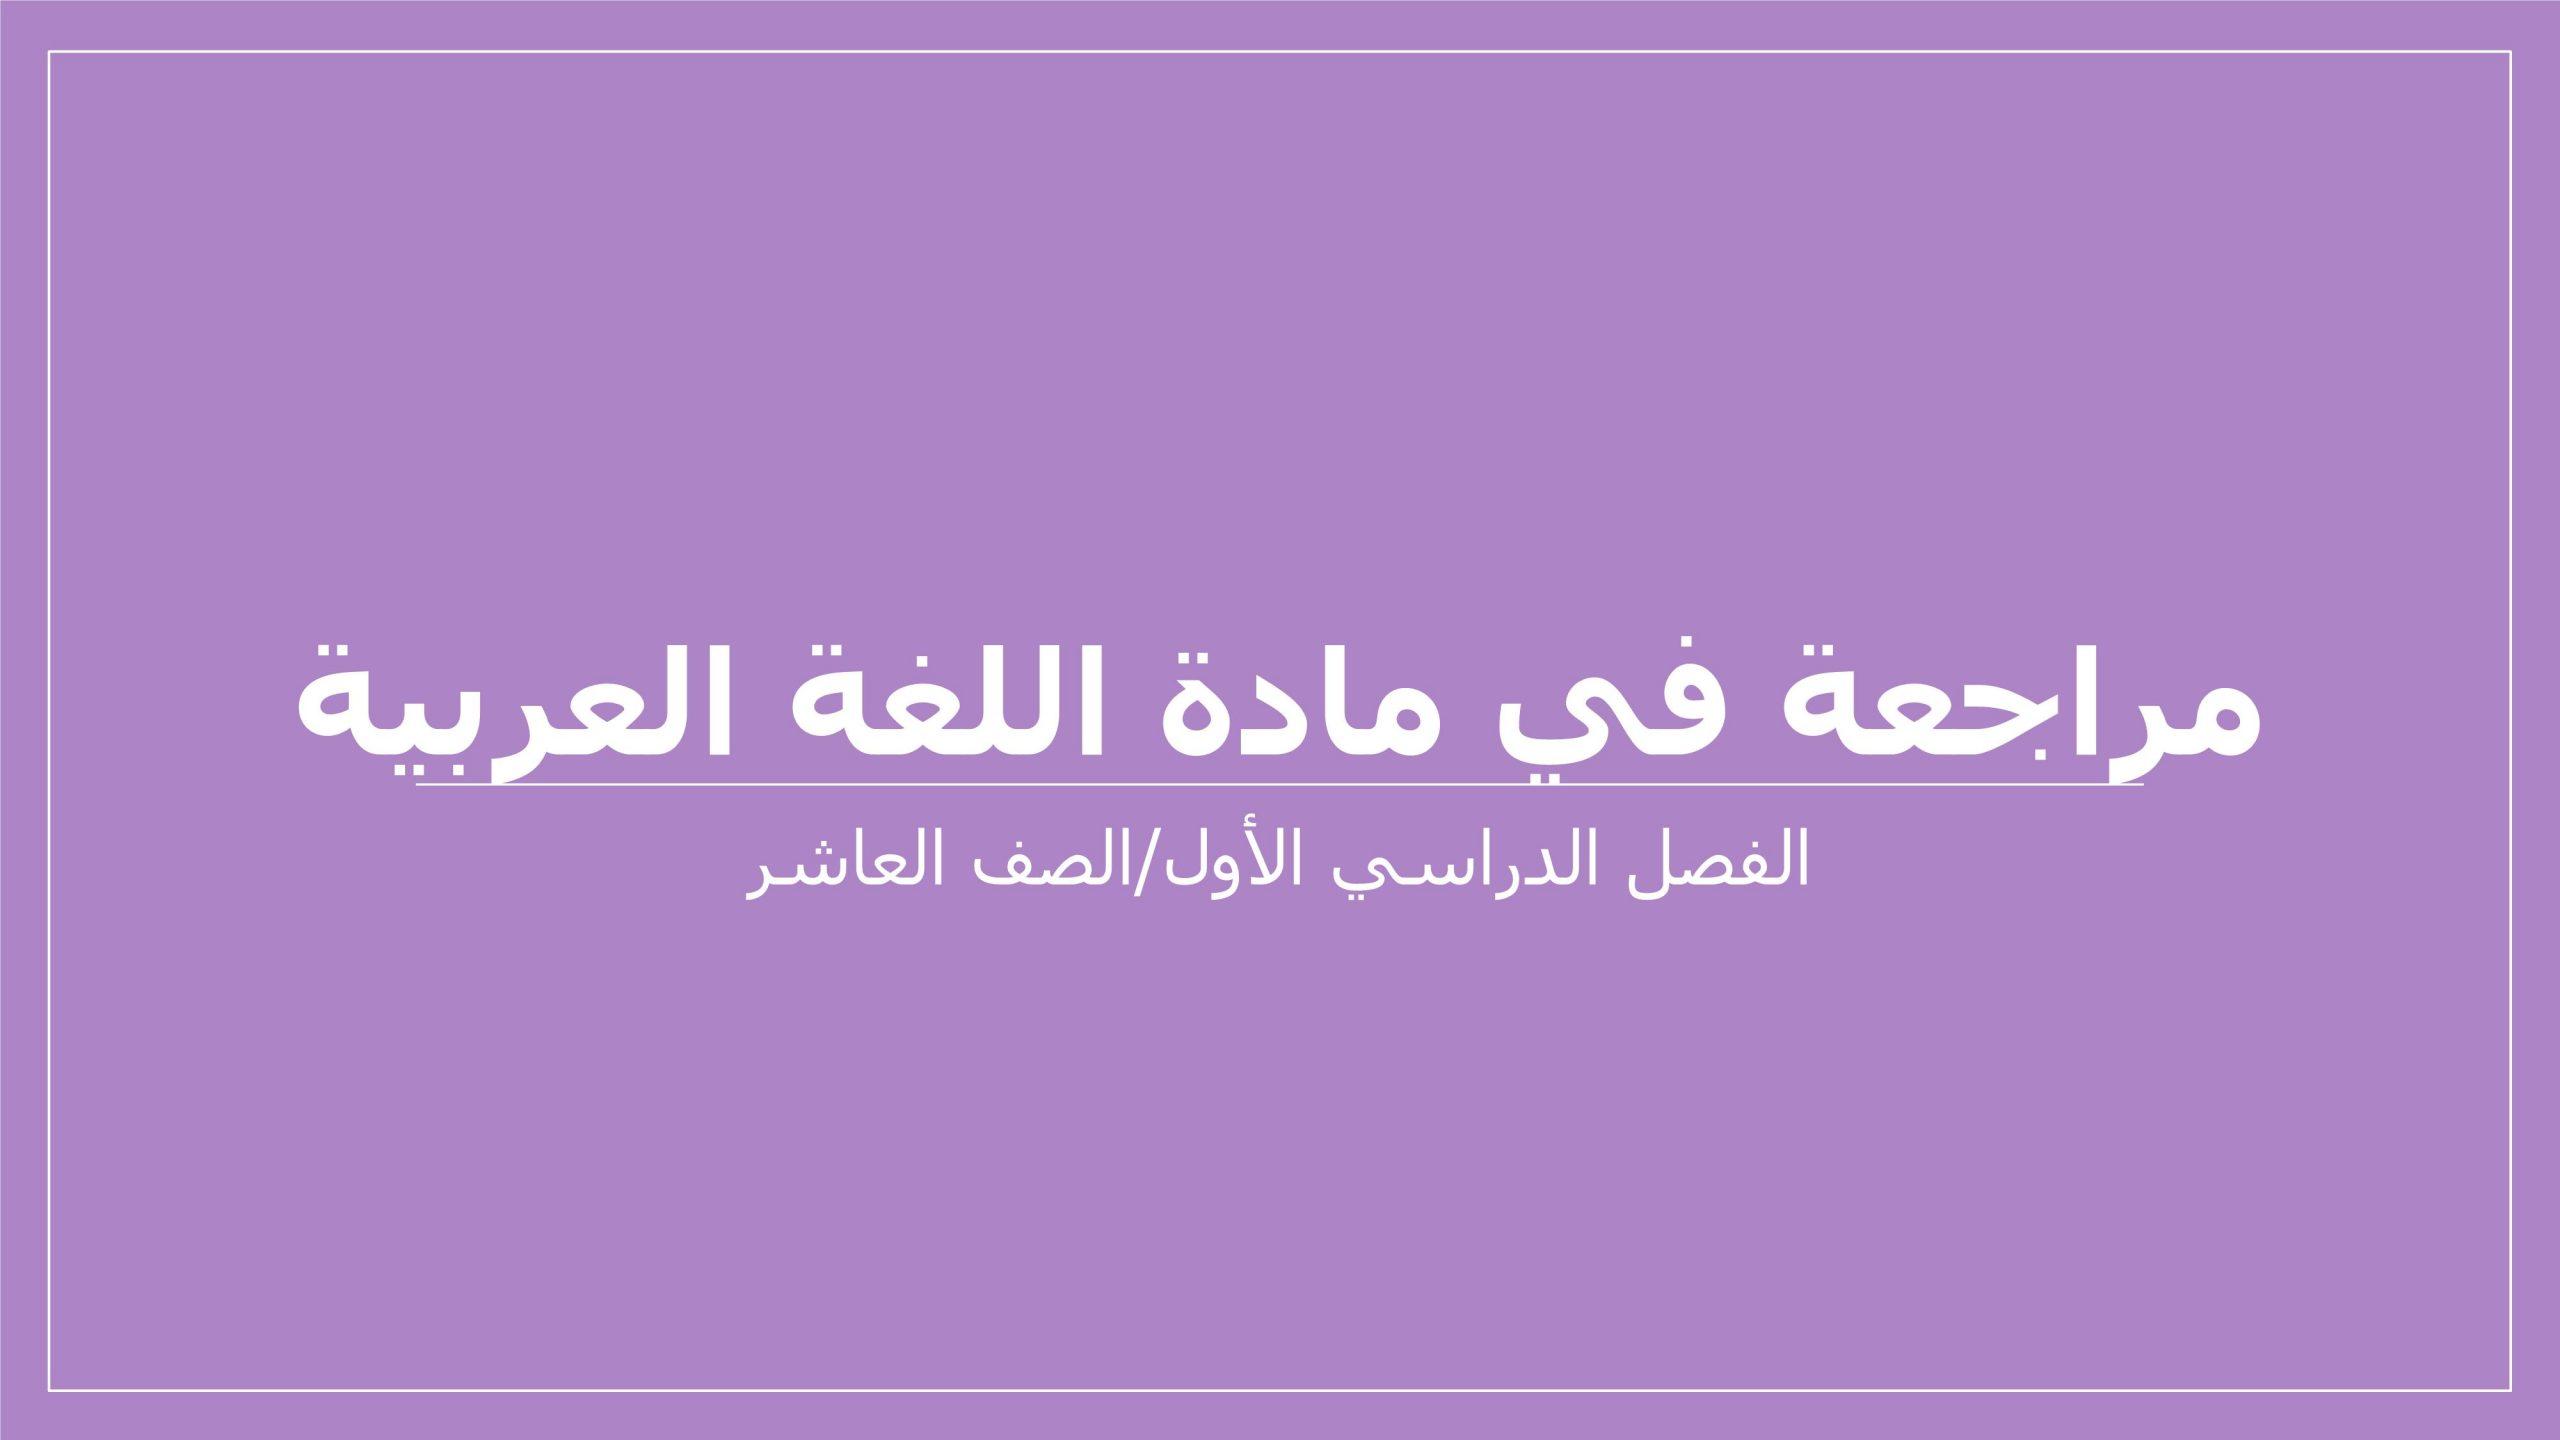 مراجعة عامة مهارات نحوية الصف العاشر مادة اللغة العربية